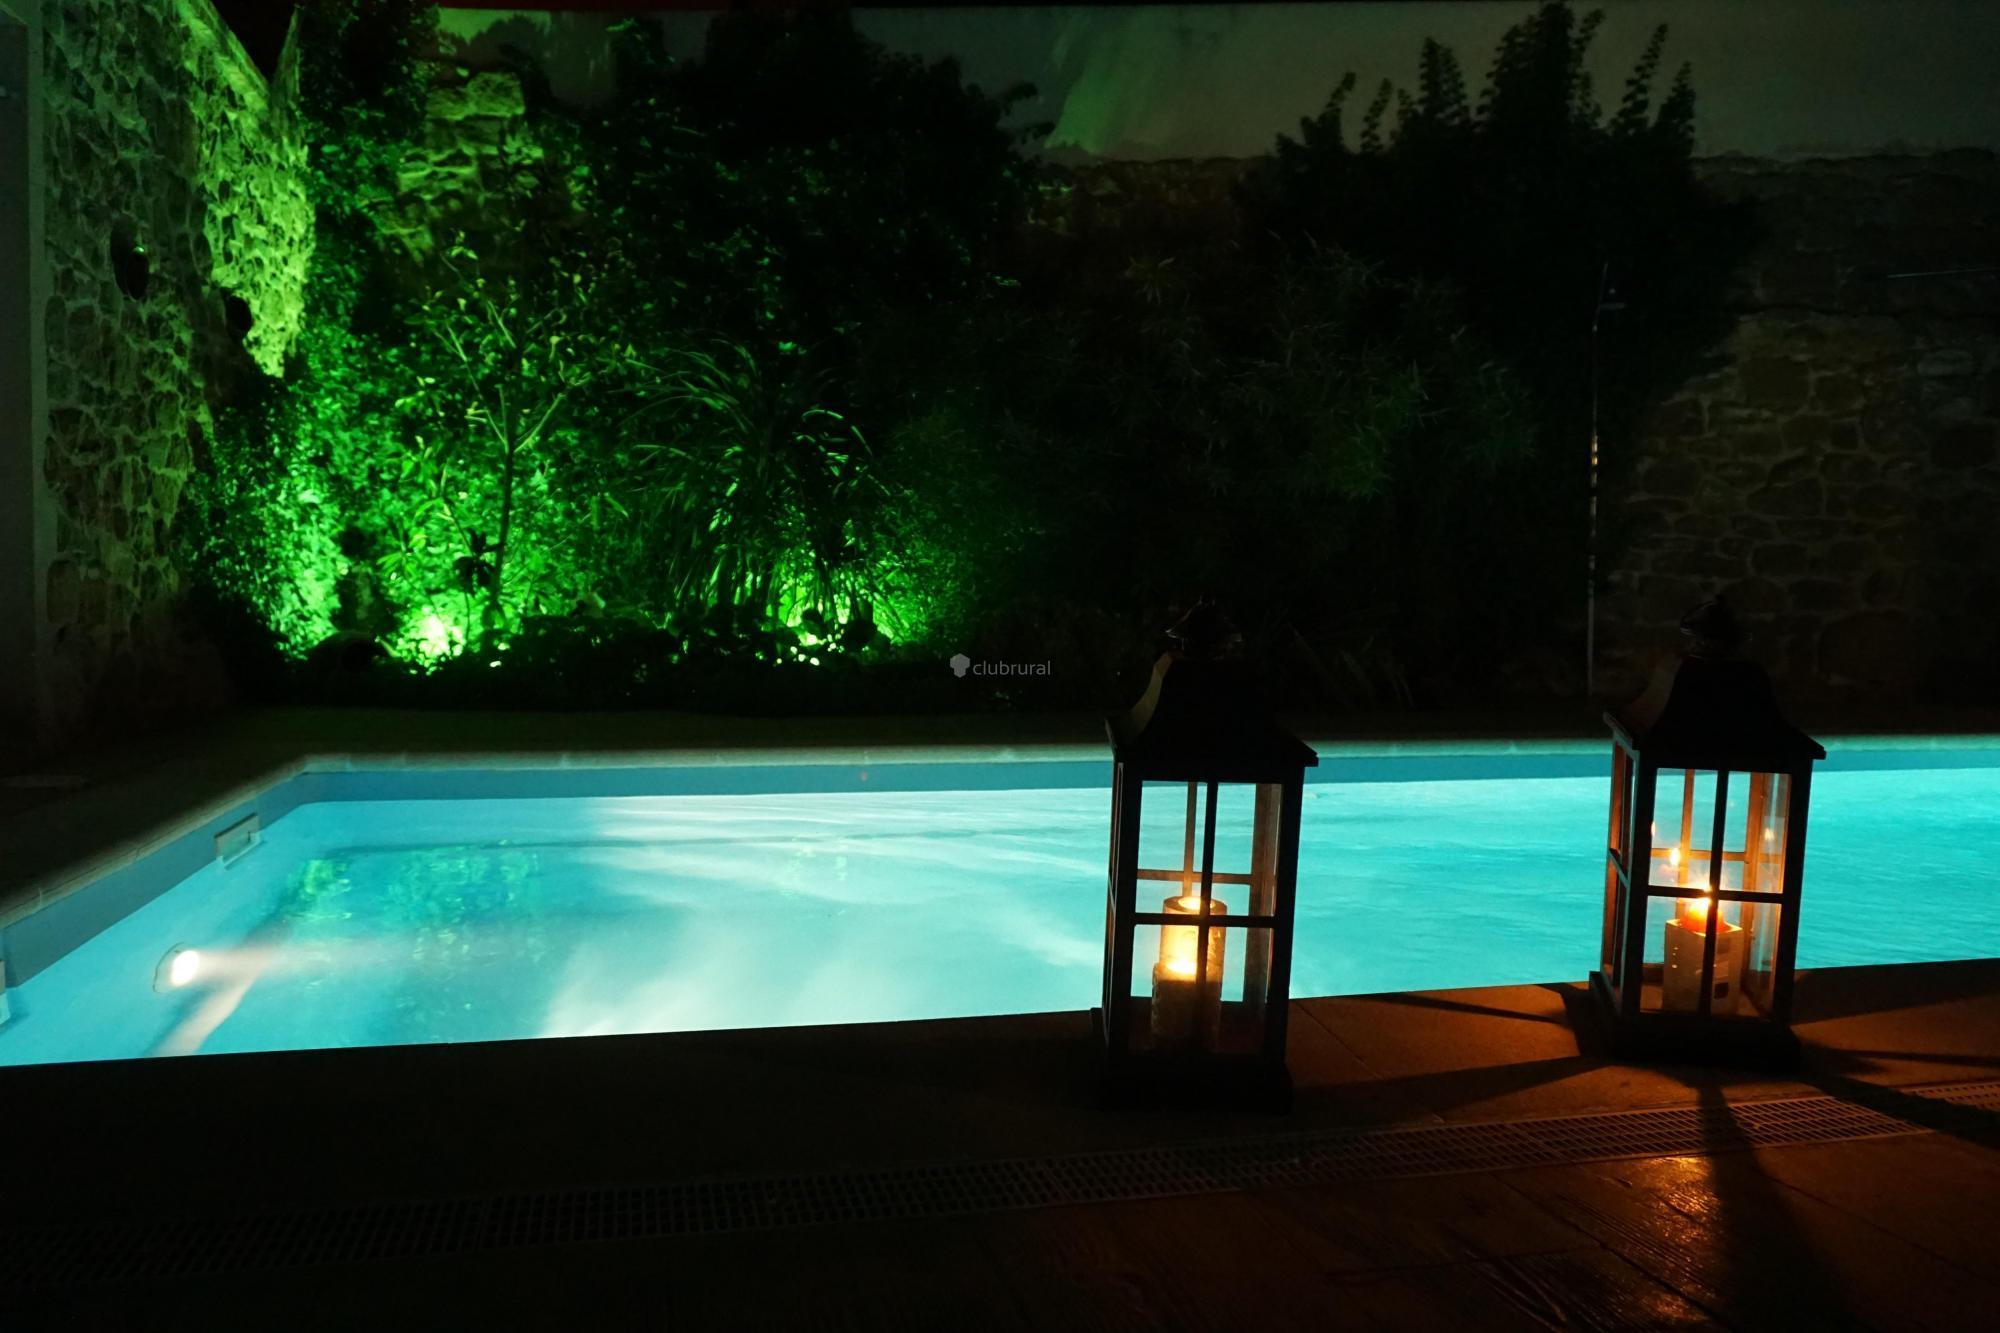 Fotos de ca la celia lleida montgai clubrural - Casas rurales lleida piscina ...